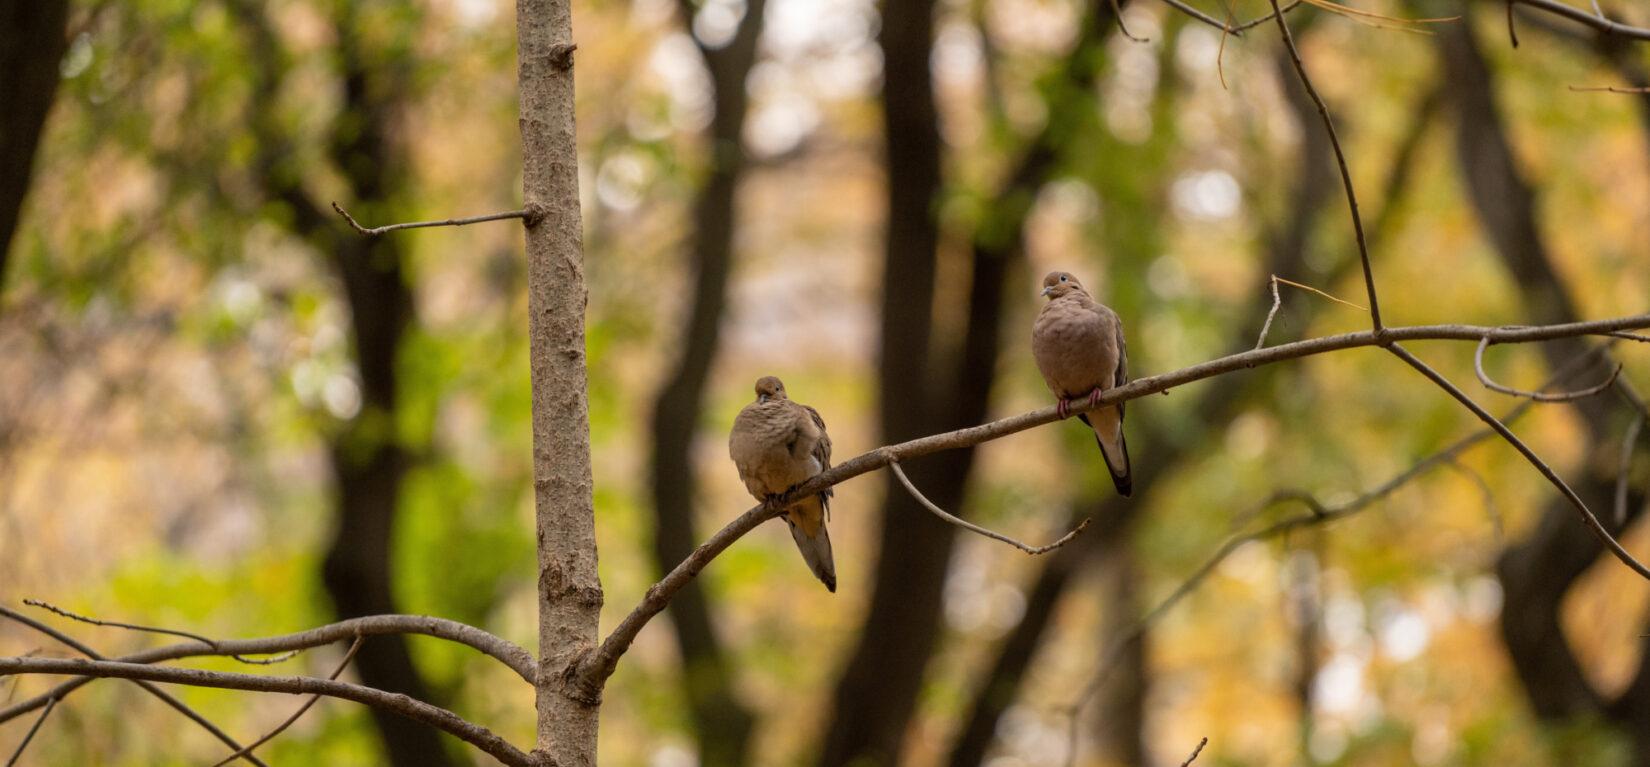 The Ramble Birds 20191110 02320